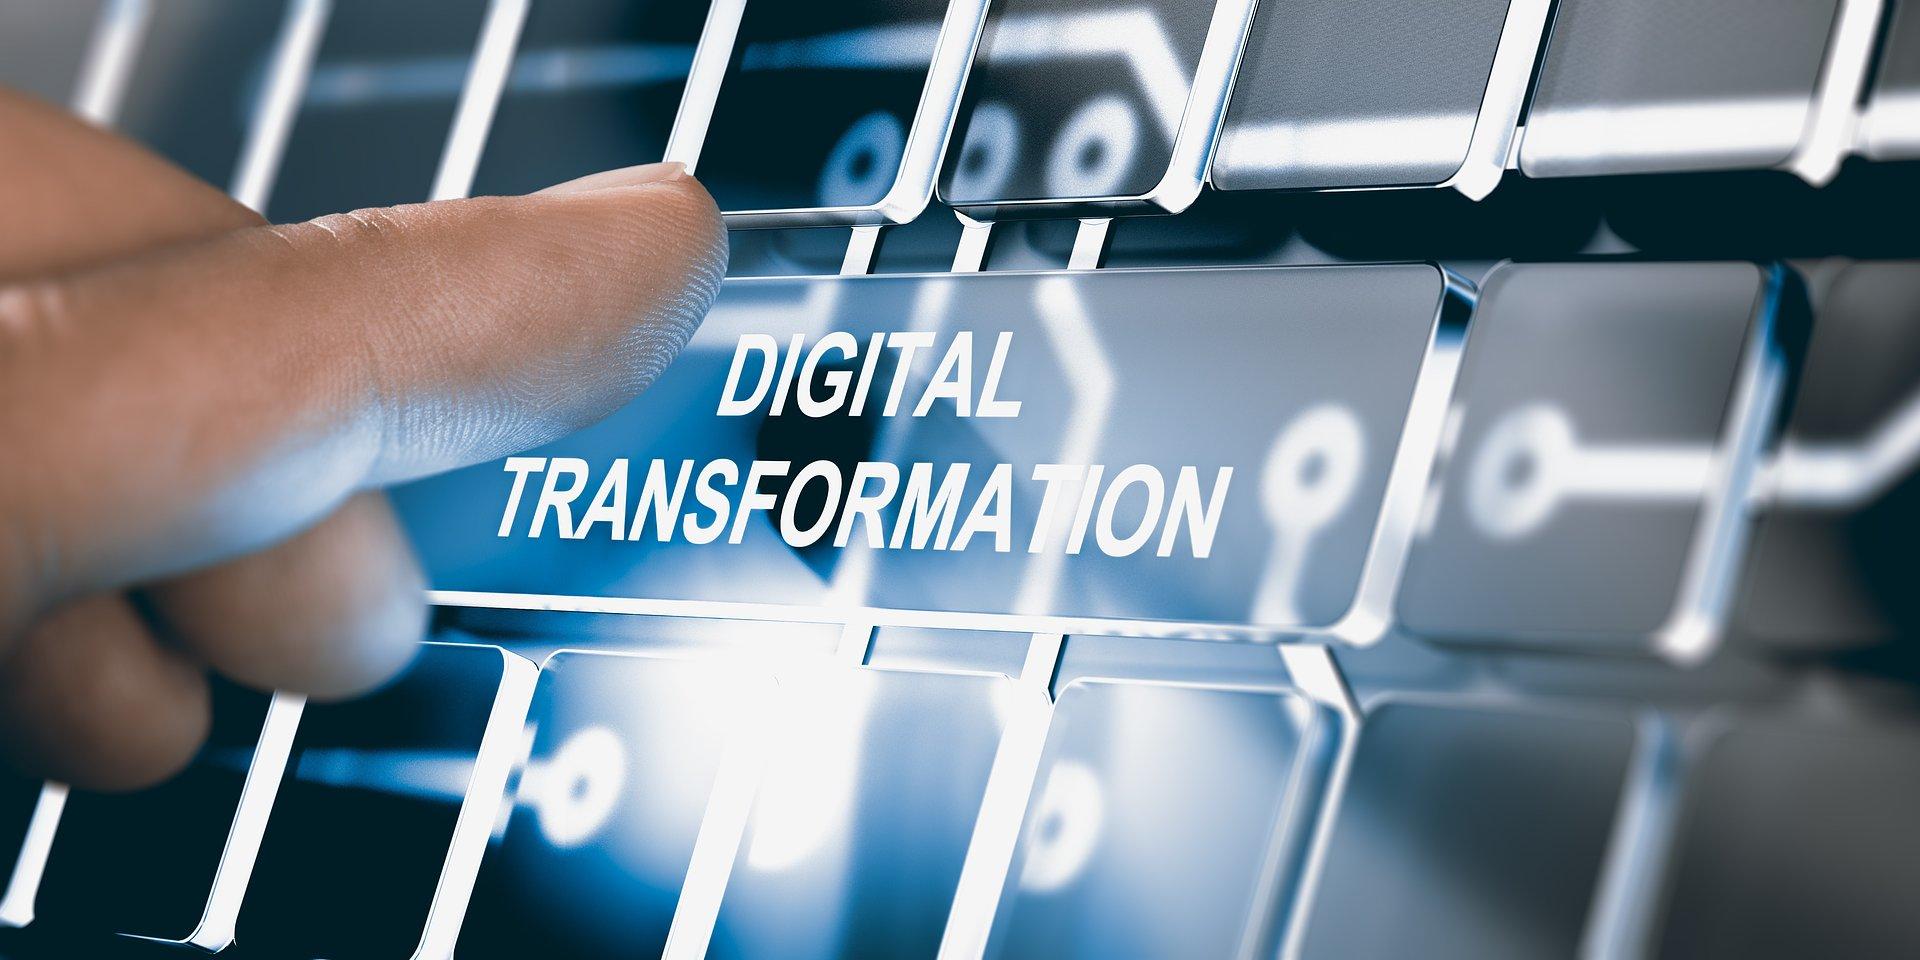 Klientocentryczność i dane – to obszary kluczowe dla firm przeprowadzających transformację cyfrową